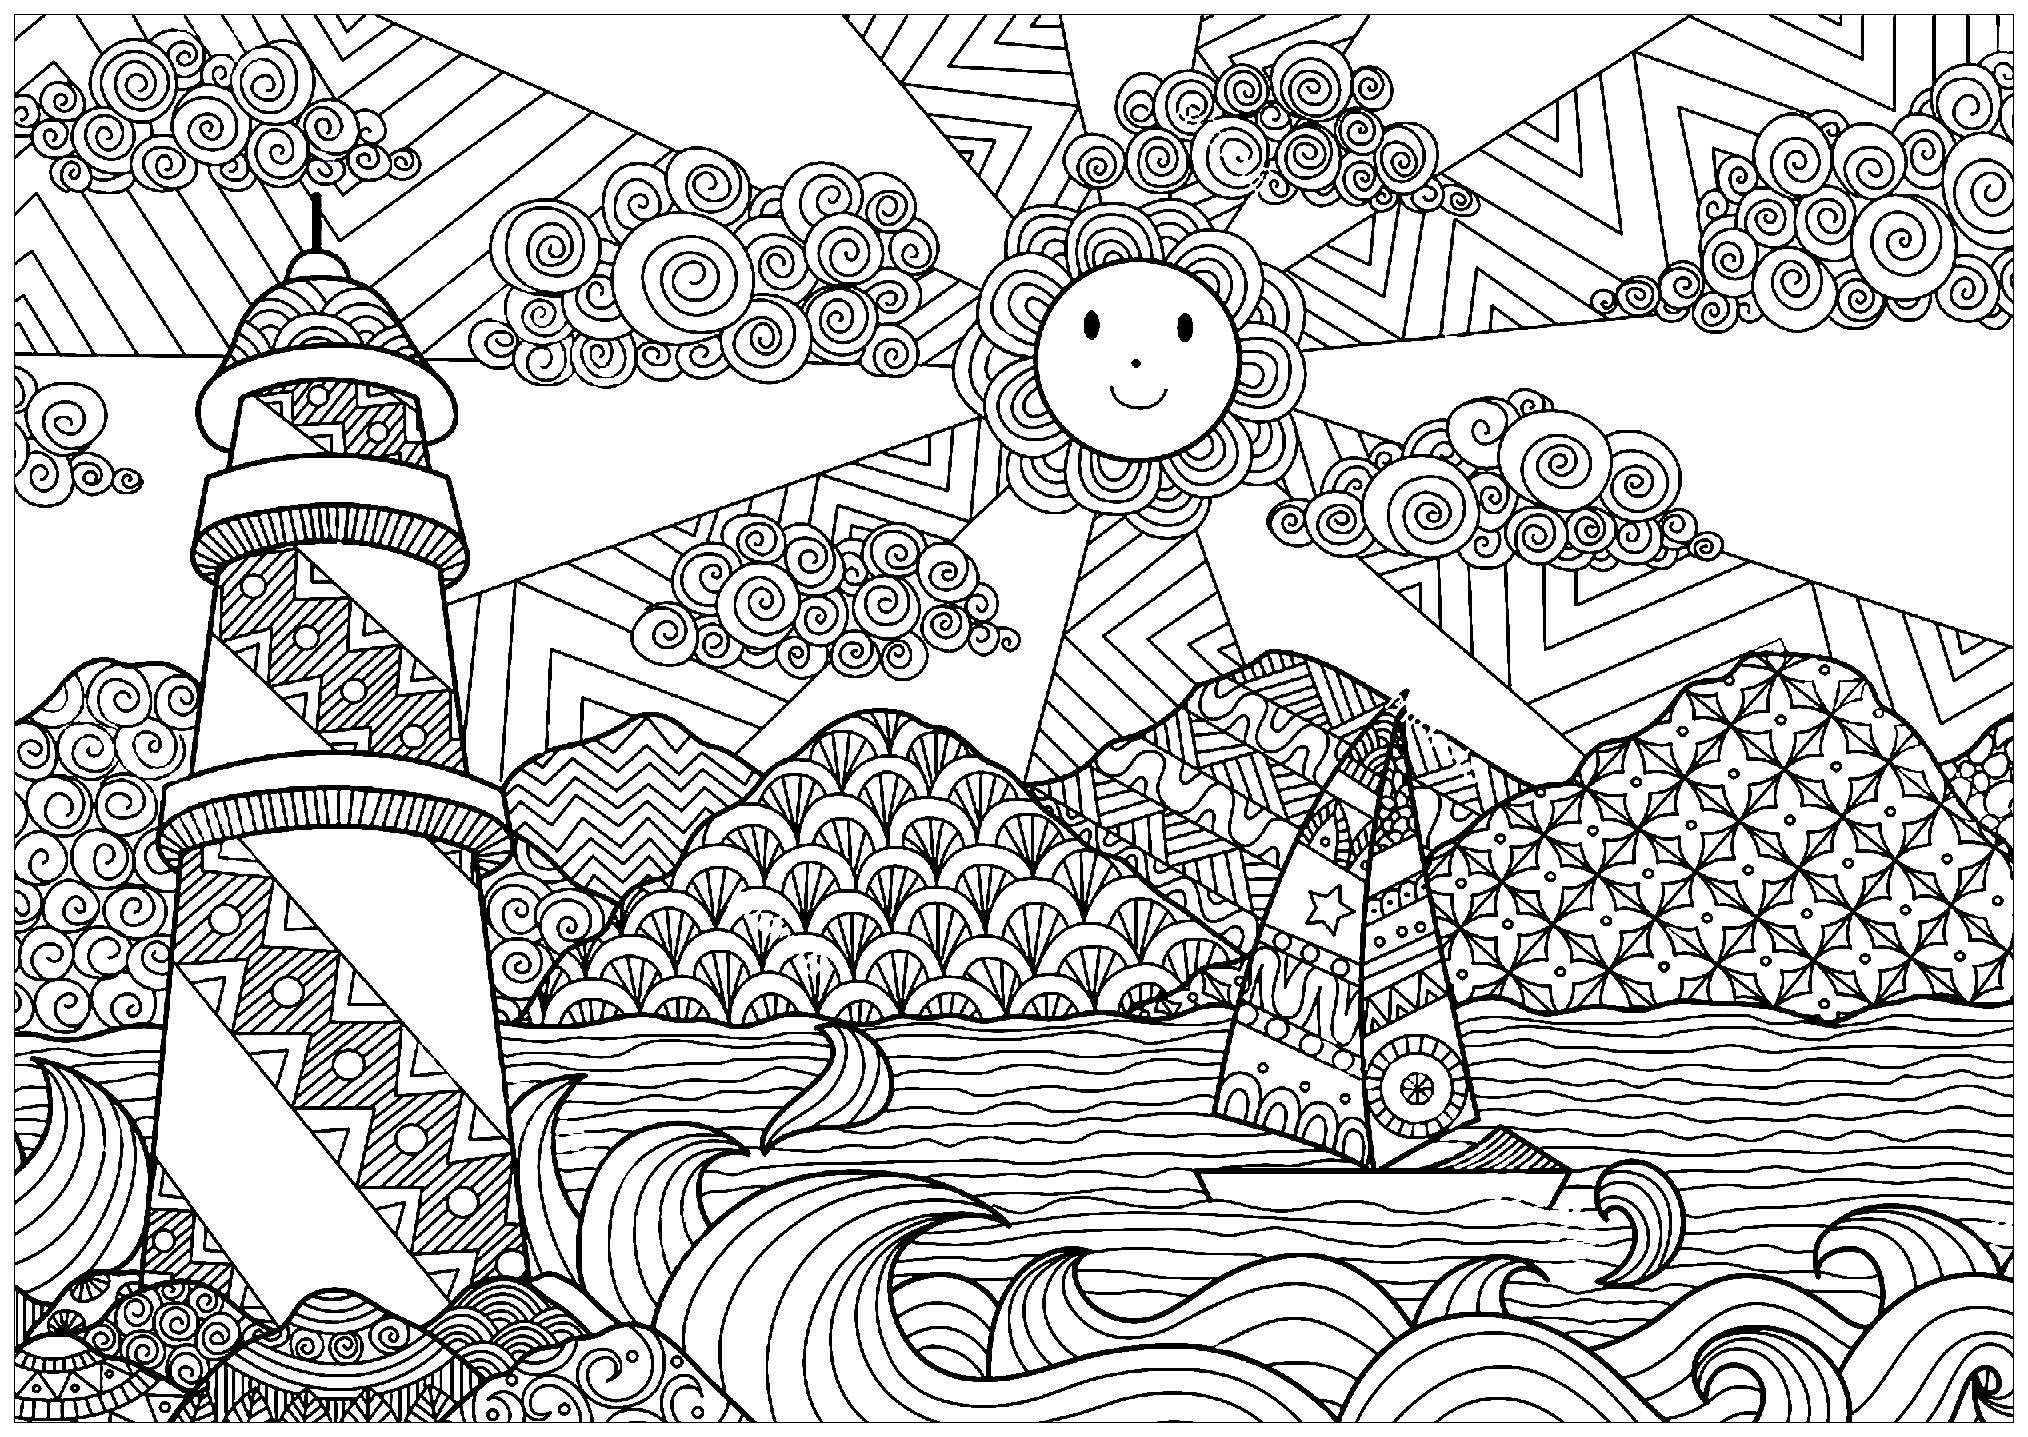 Scenario 57012 scenario disegni da colorare per adulti for Disegni da colorare per adulti e ragazzi